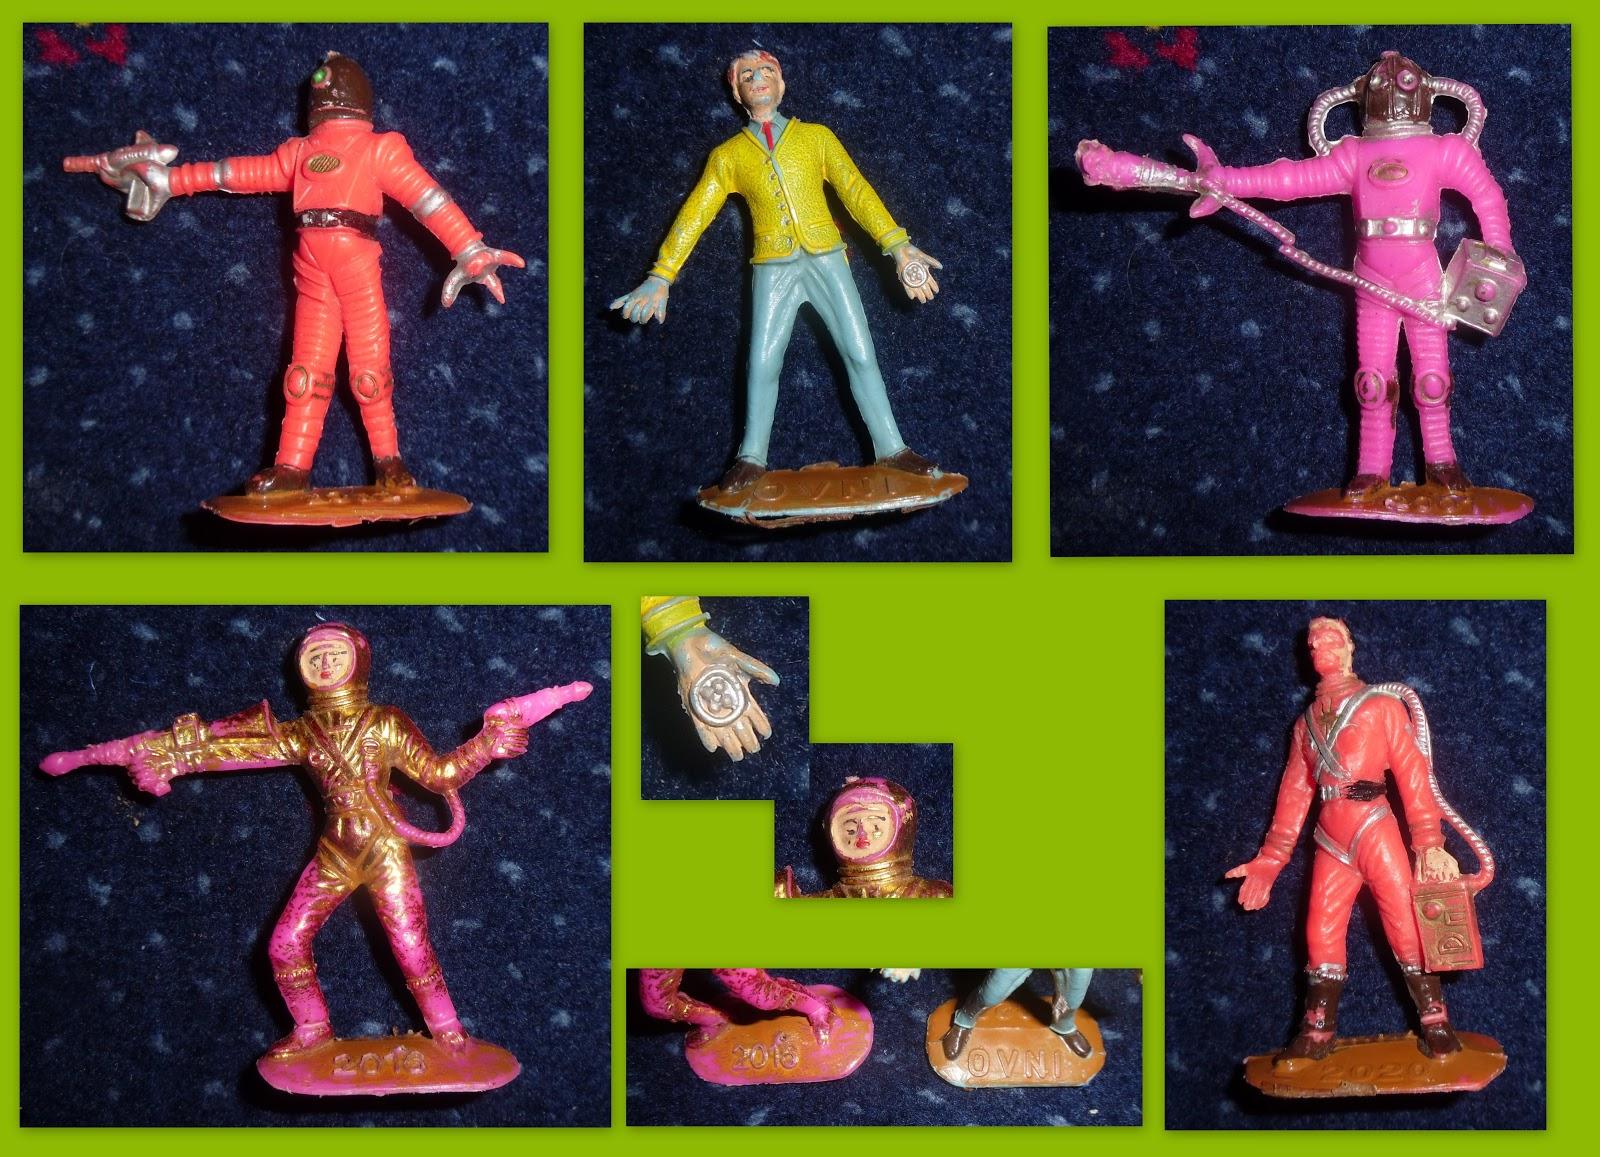 apollo astronauts 1960 s marx plastic figures - photo #40